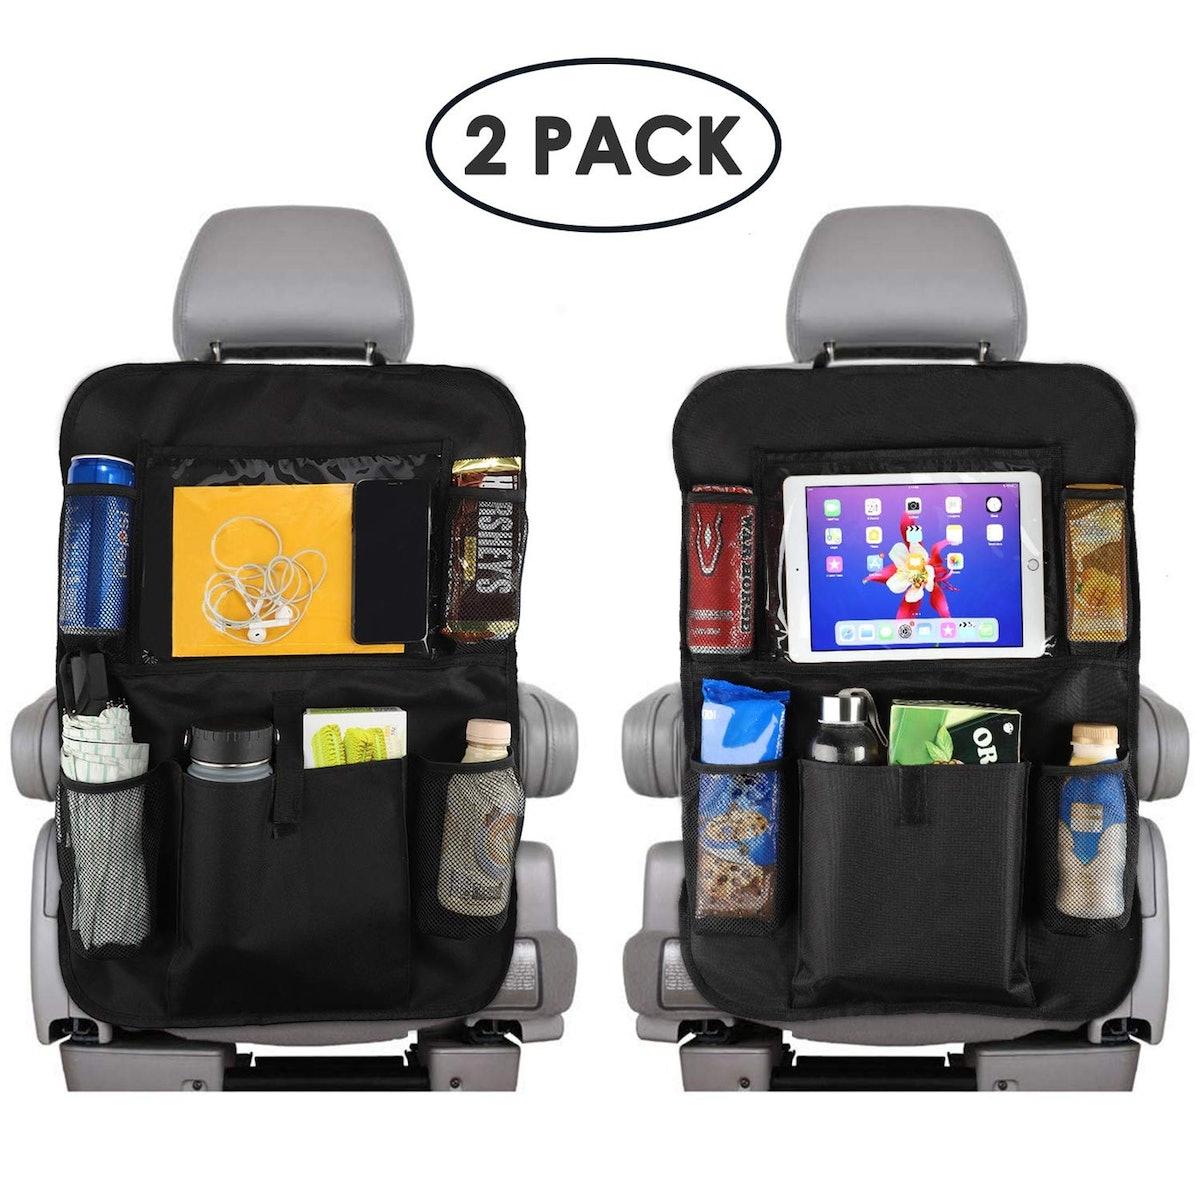 Reserwa Back Seat Storage Organizers (2-Pack)